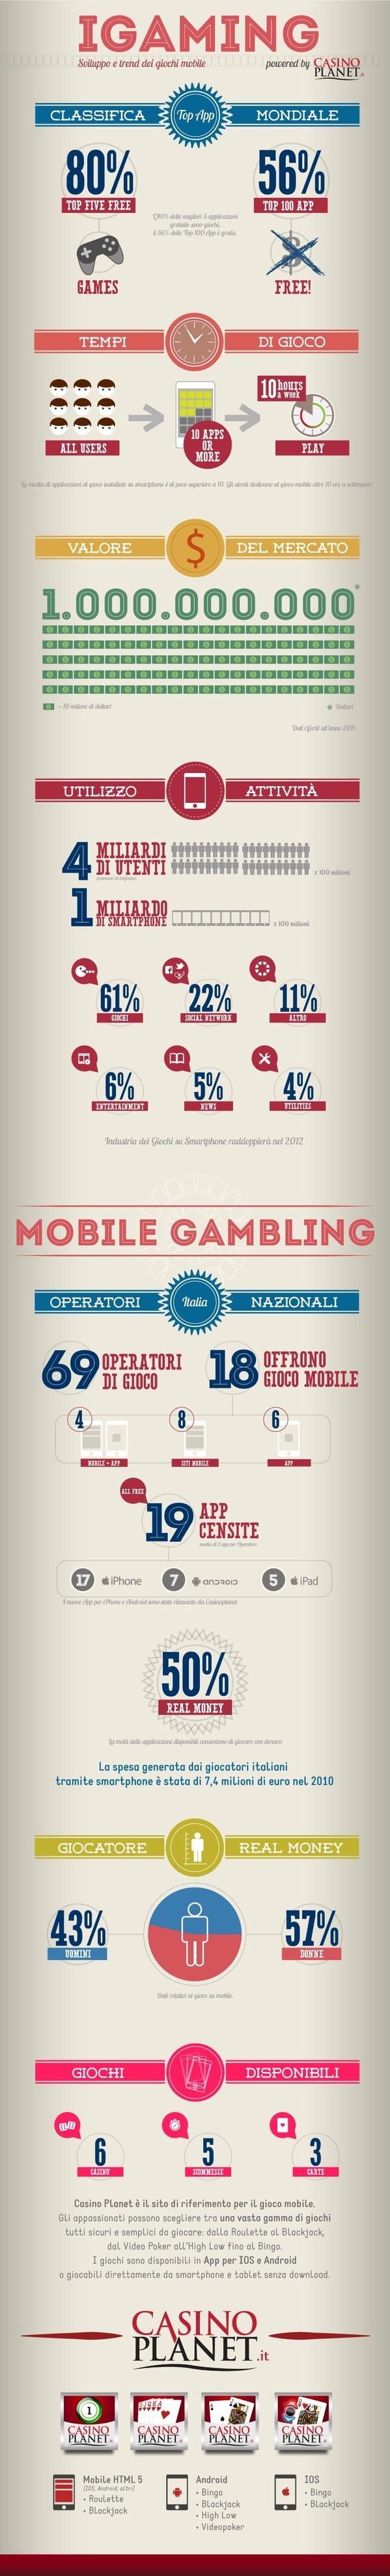 Mobile gaming gambling